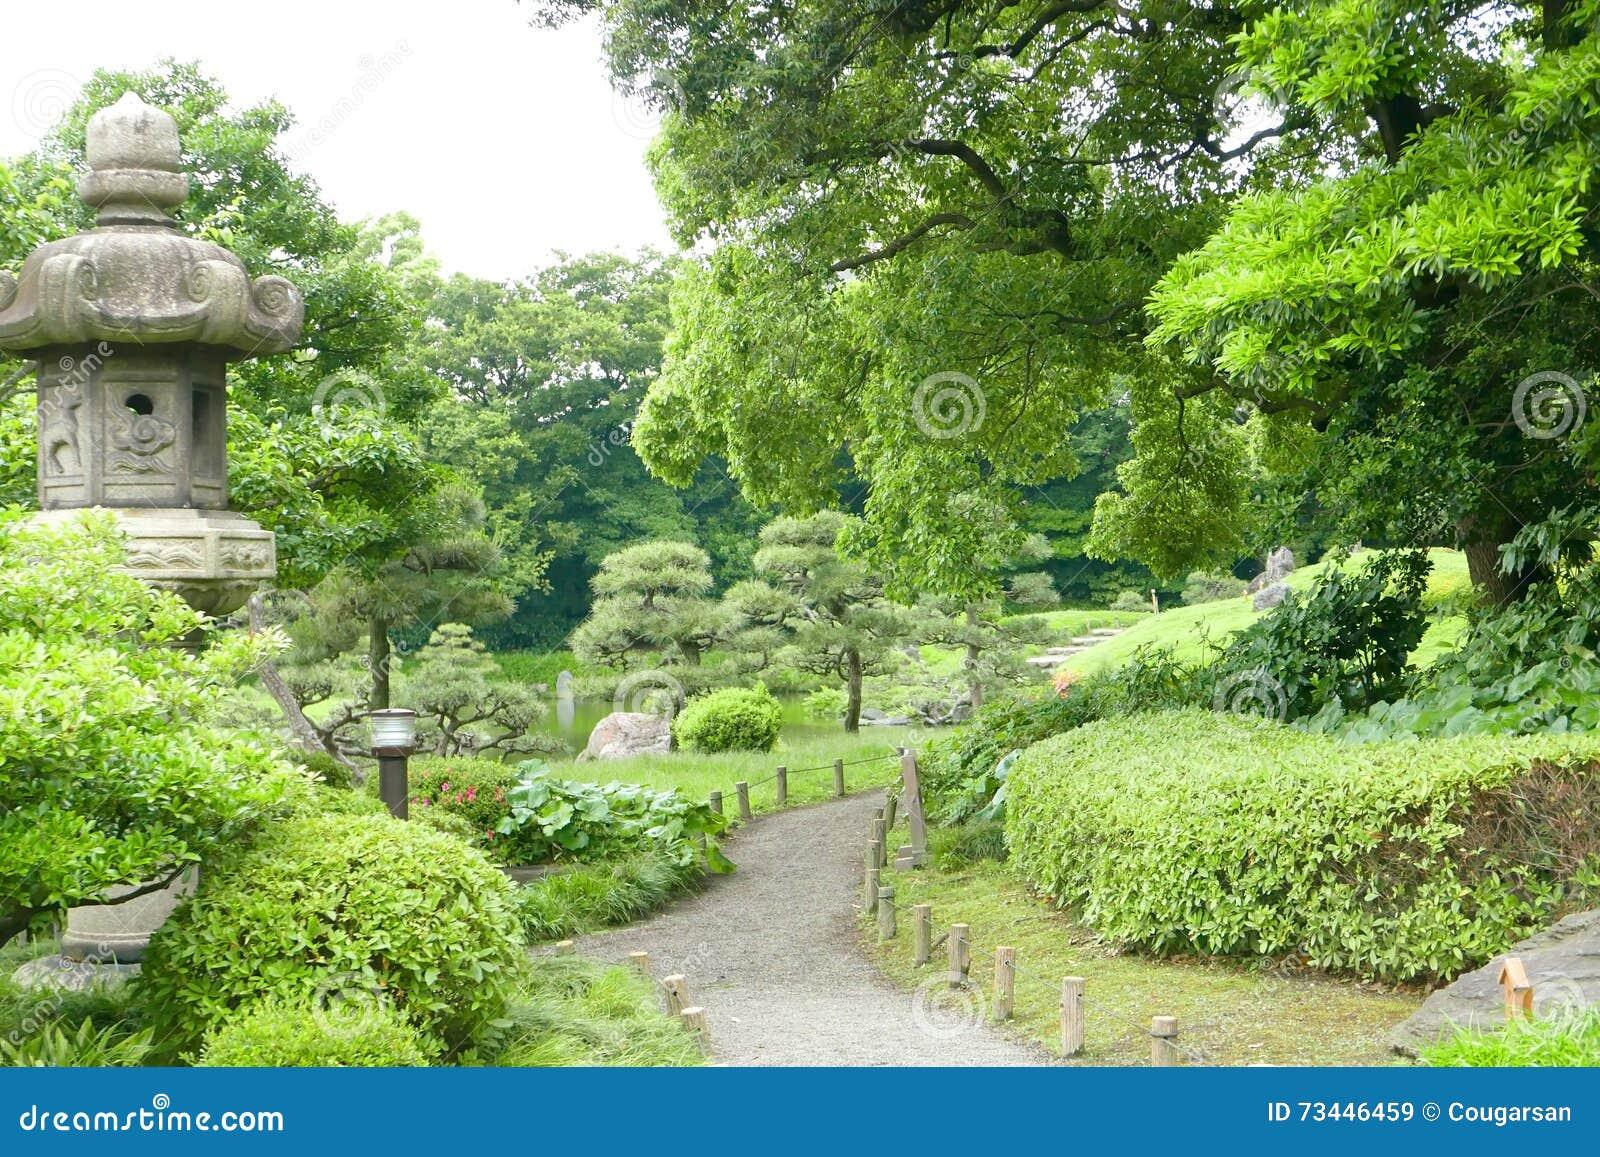 rboles de pino plantas verdes sendero en jardn japons del zen